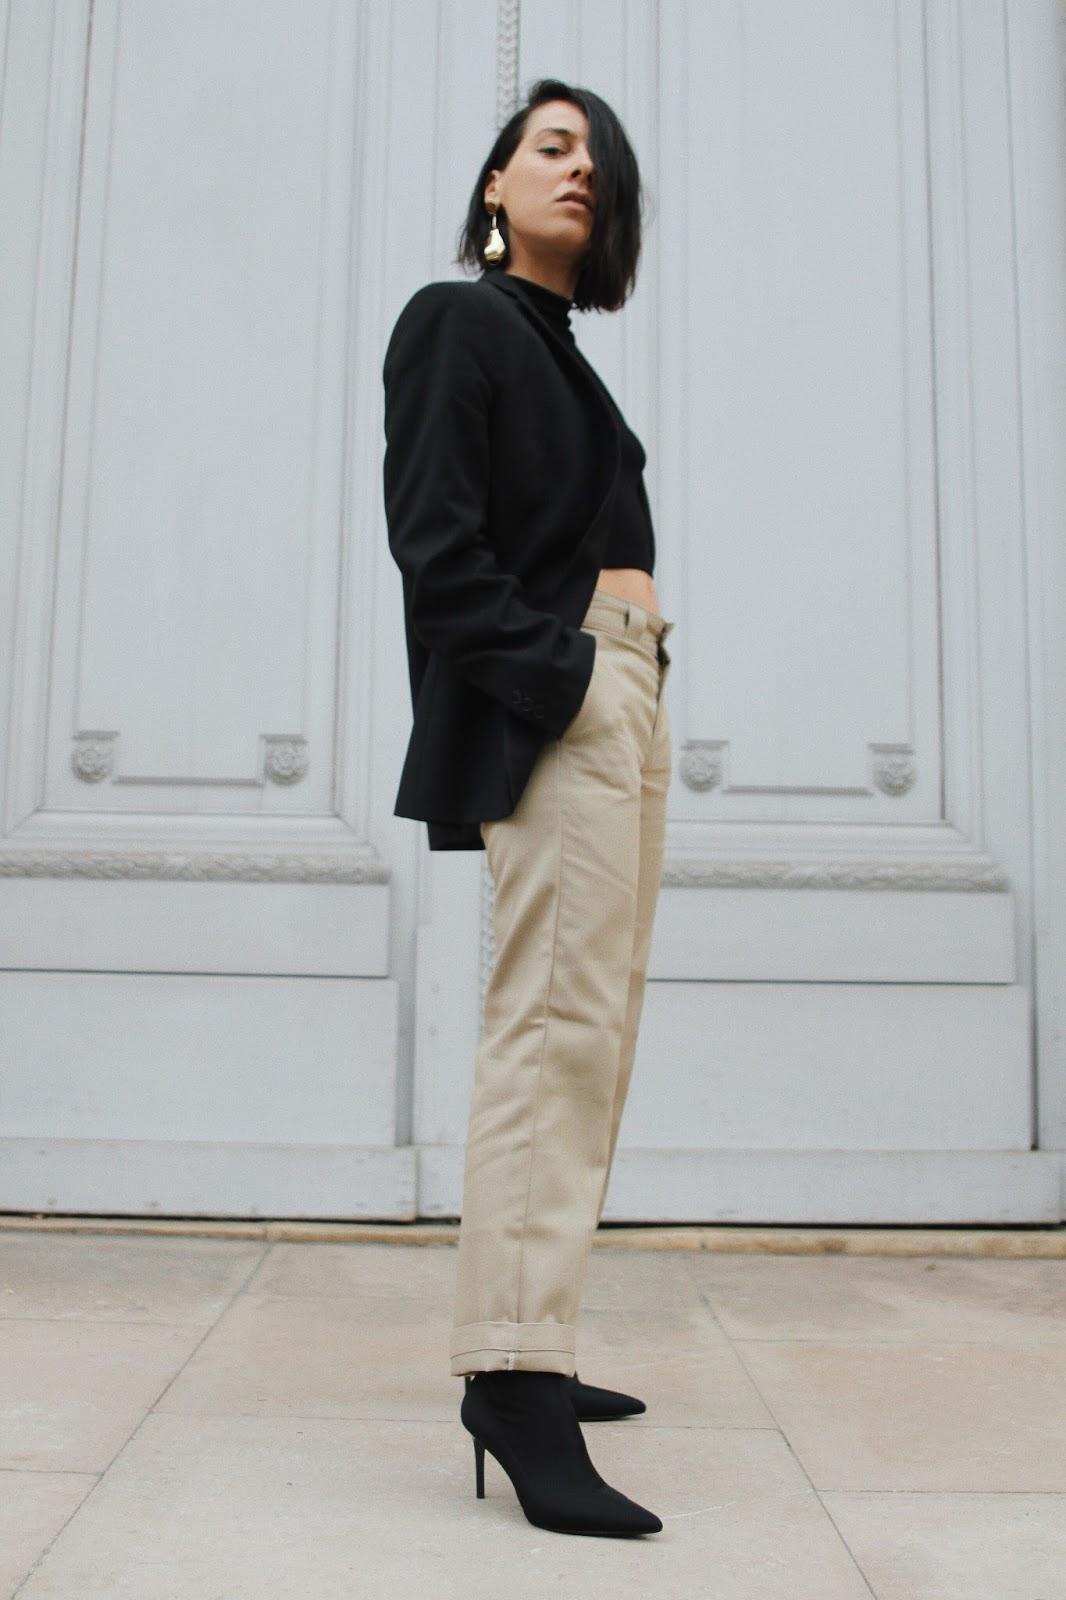 pantalon kaki tendance printemps